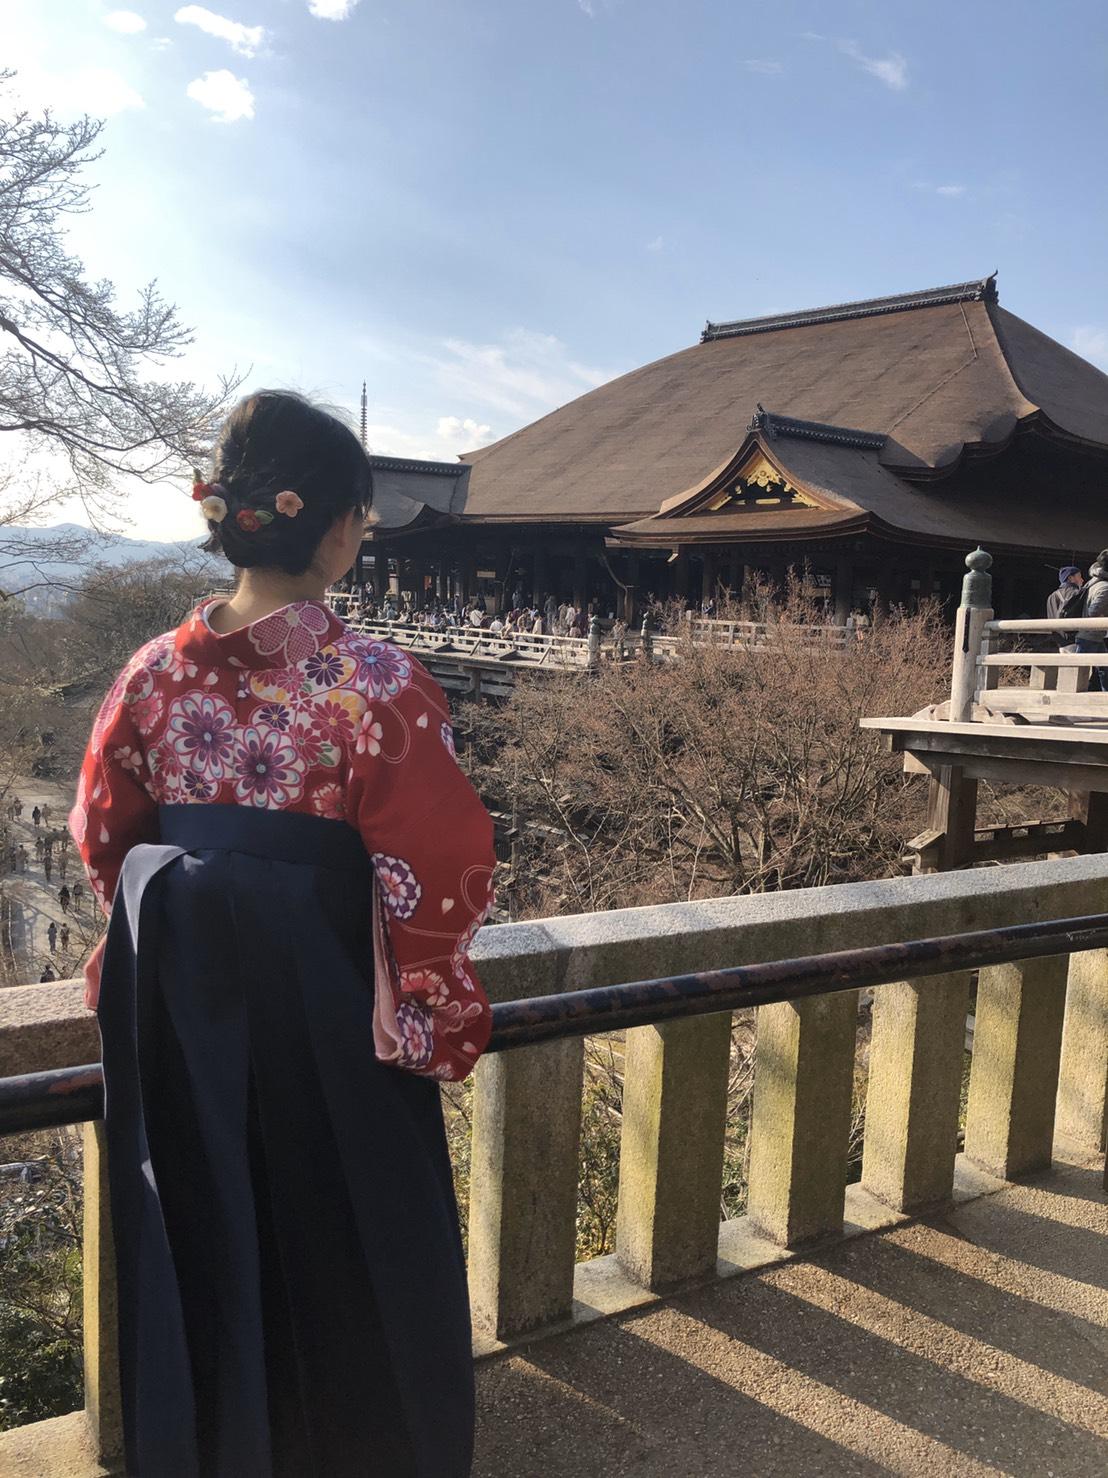 袴レンタル始めましたぁ♡2020年3月19日5